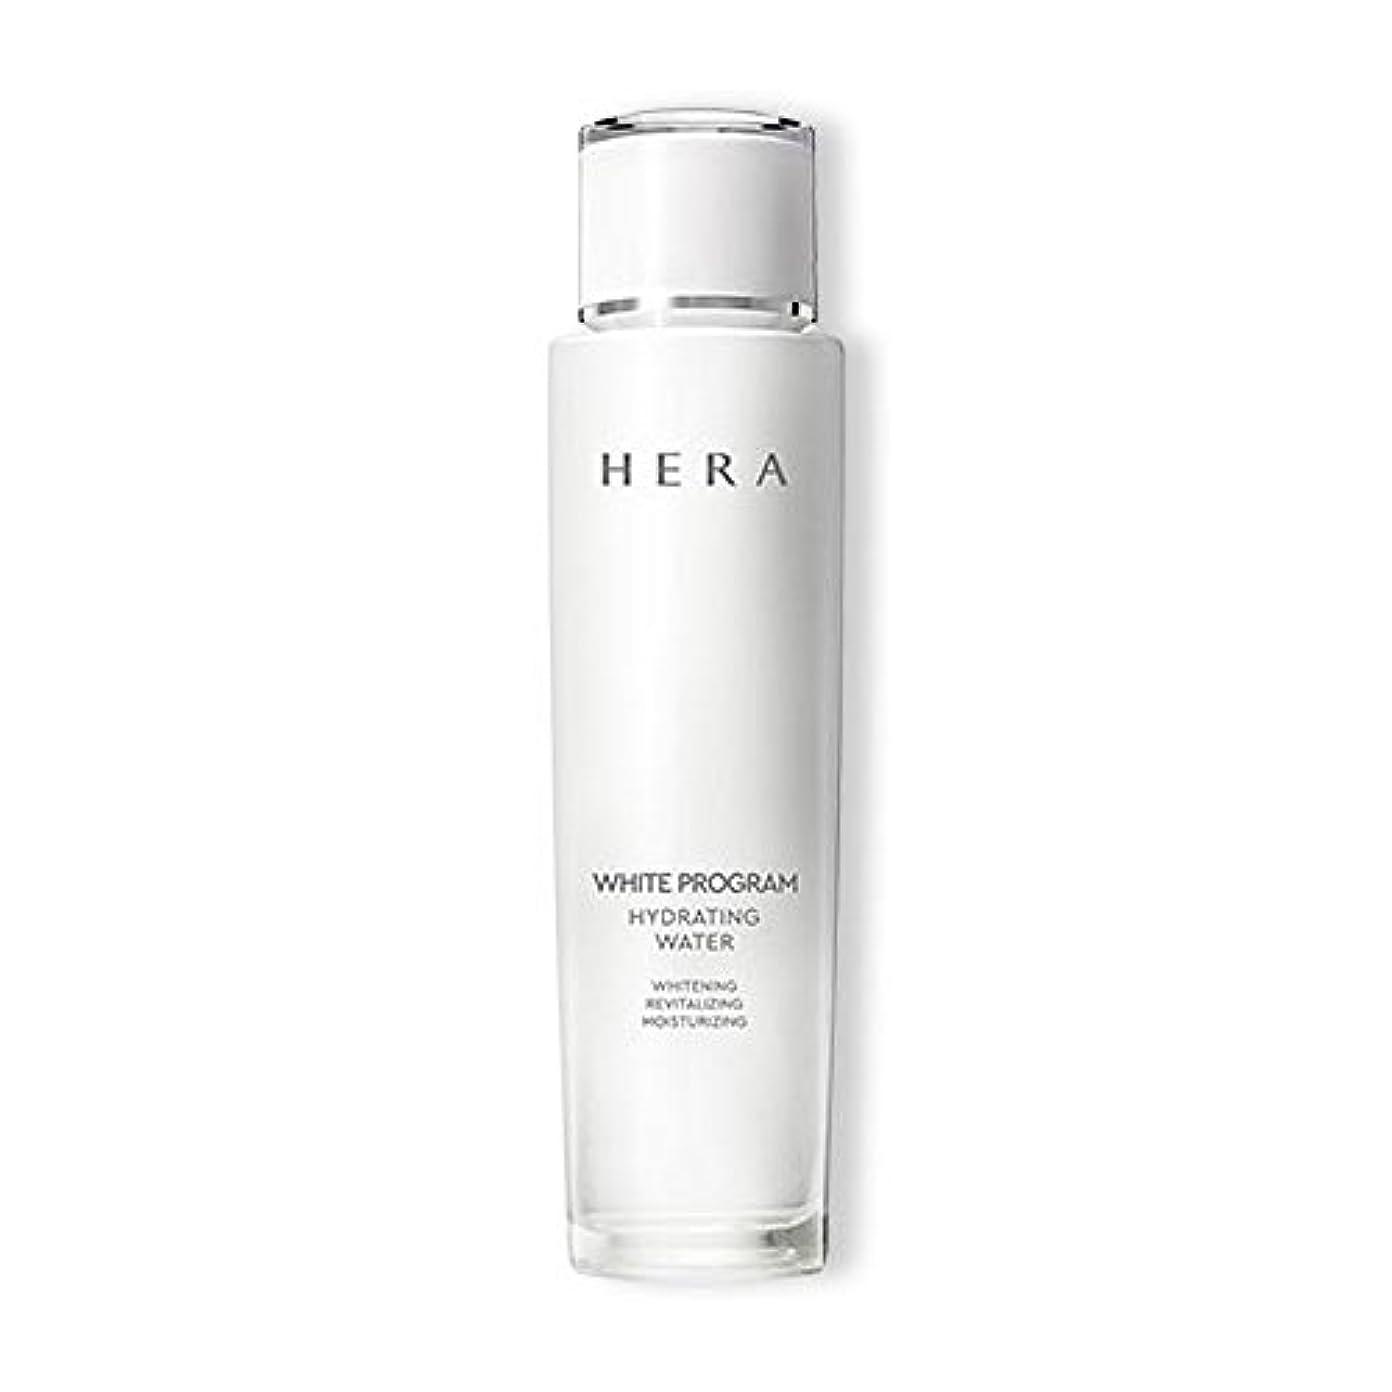 列車レイアウト市民権HERA(ヘラ) ホワイトプログラムハイドロレイティングウォーター(化粧水)150ml